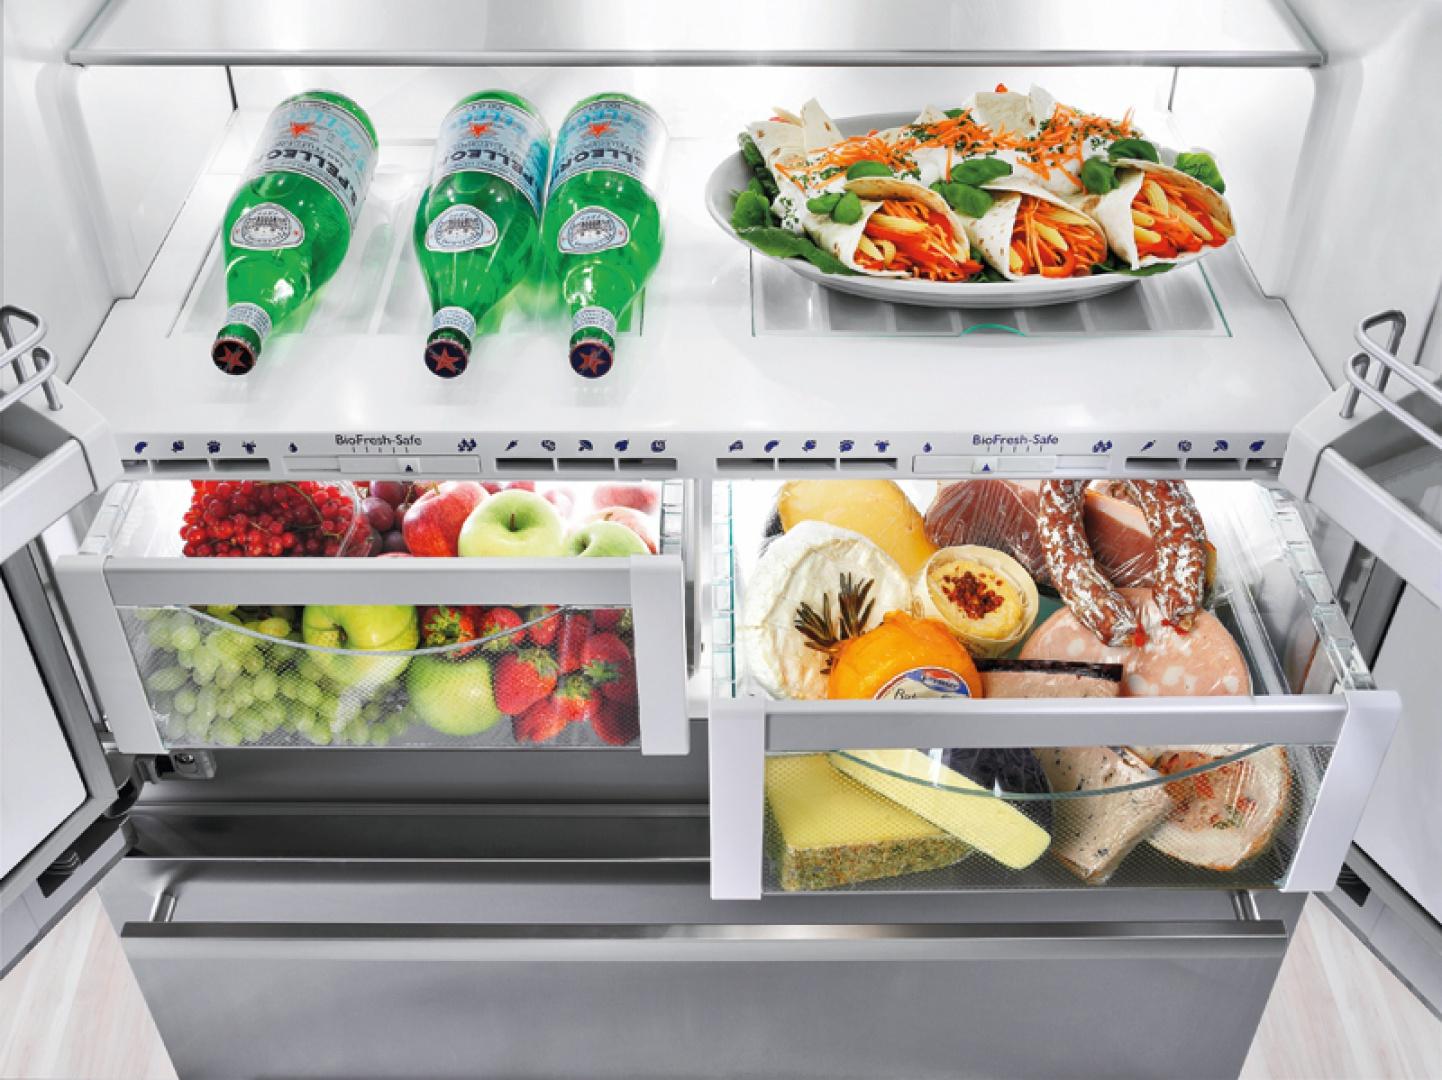 W strefie zero stopni przechowuje się produkty w maksymalnie niskiej temperaturze bez zamrażania. W większości lodówek to pojedyncza szuflada. Najbardziej zaawansowane modele mają ich dwie - oddzielne na mięso, ryby i na biało raz warzywa i owoce. W każdej jest inna temperatura i wilgotność. Na zdjęciu: chłodziarko-zamrażarka CBNes 6256 Liebherr z szufladami na prowadnicach  teleskopowych. Cena: ok. 17.399 zł, AGED.